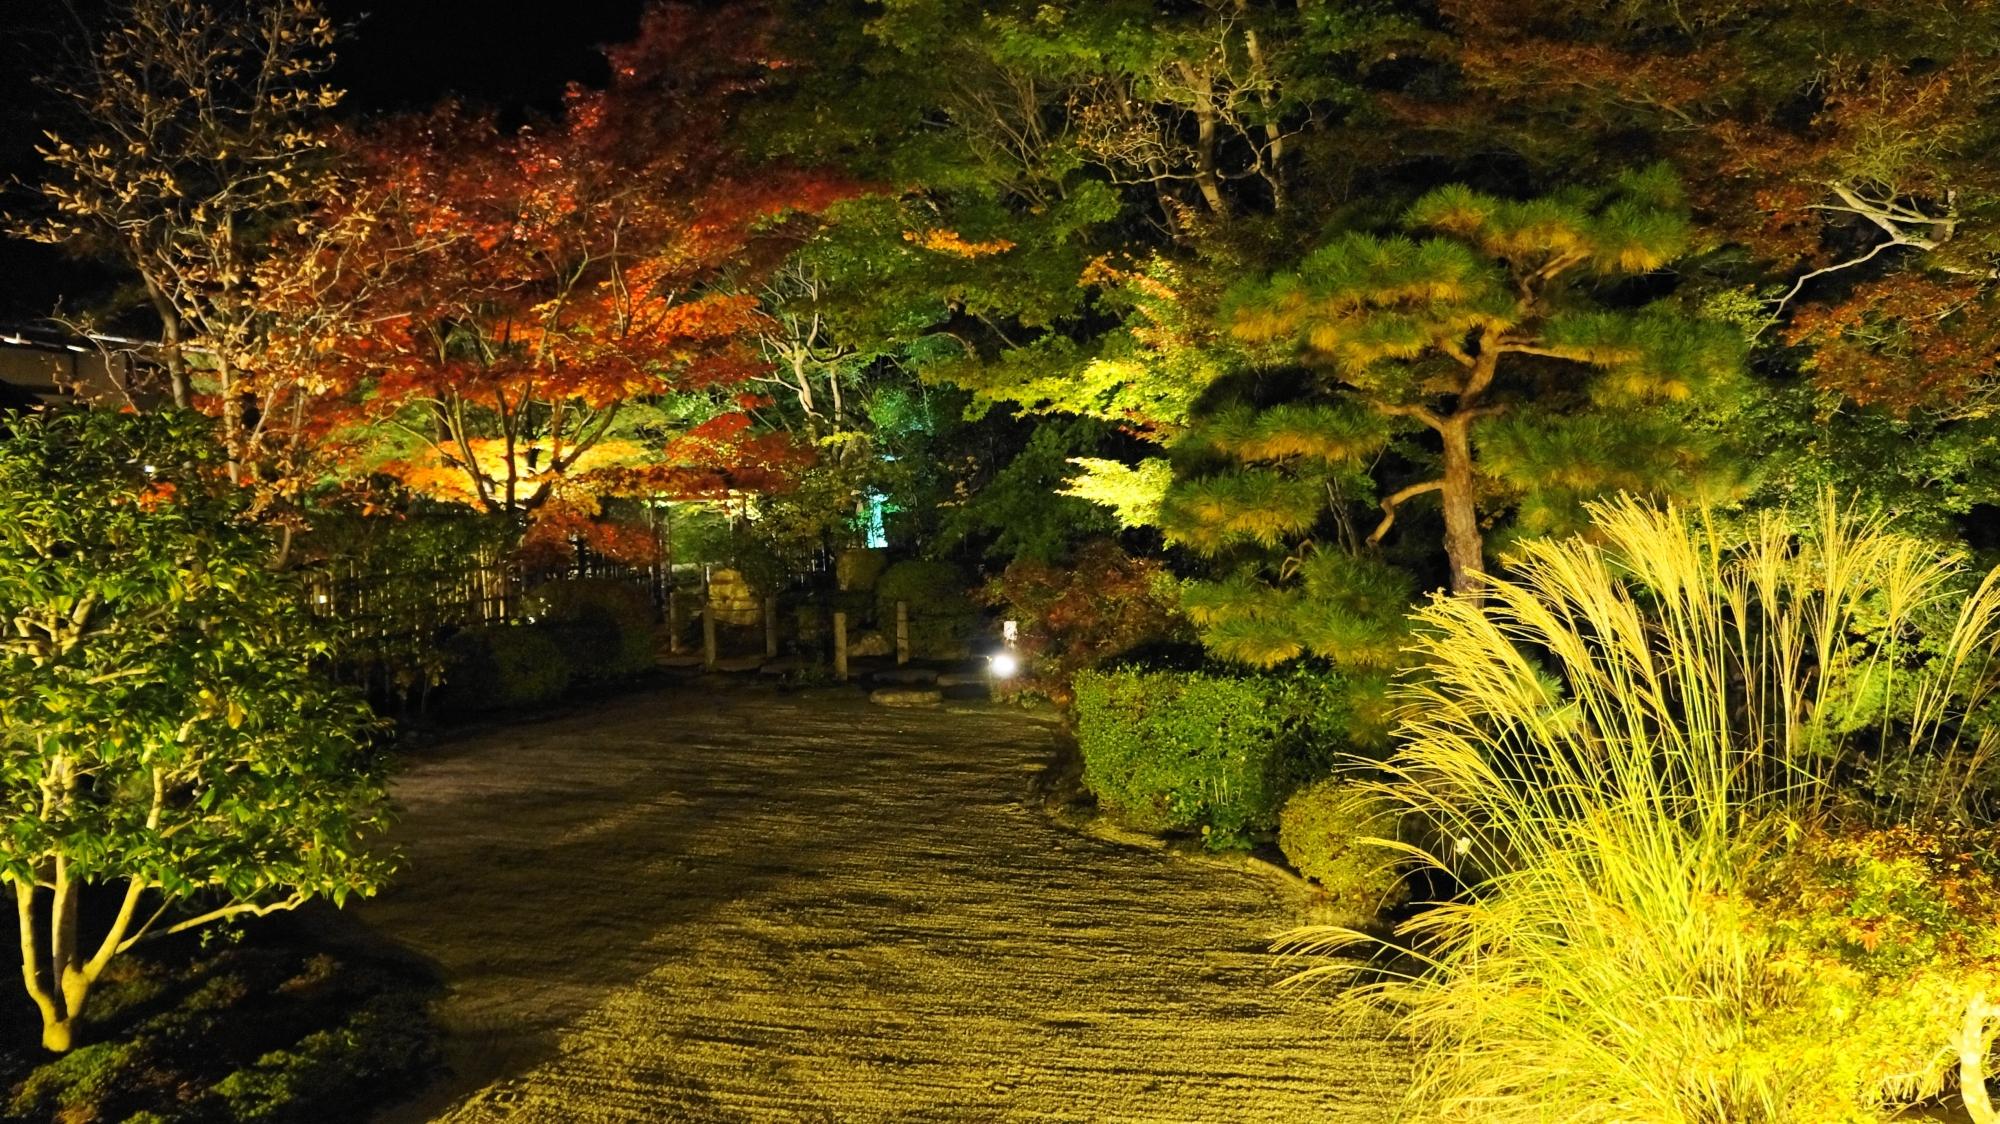 天寿庵の夜風に揺らめく芒(すすき)